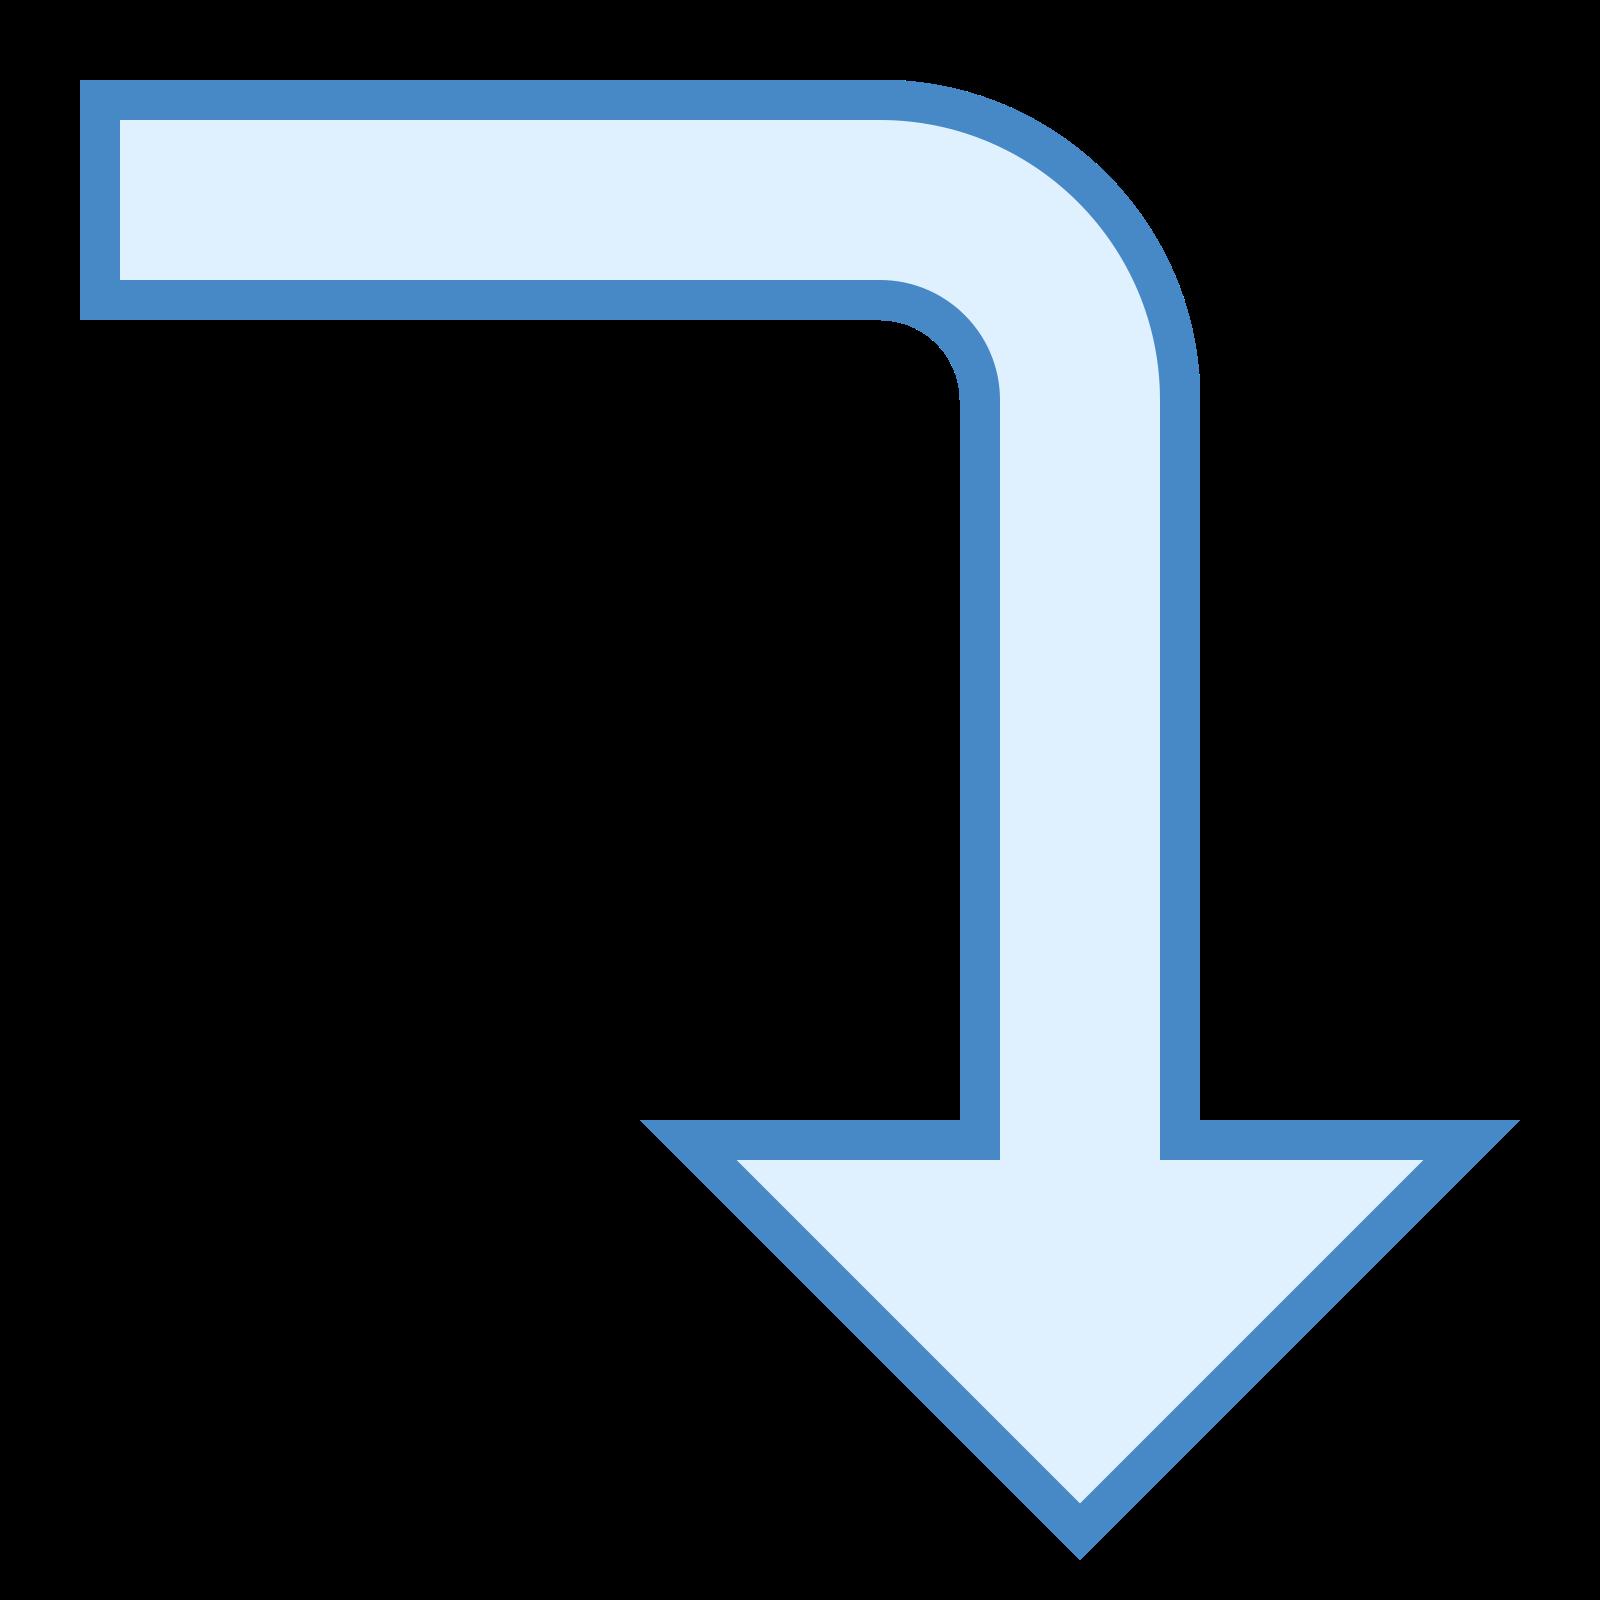 Bas à droite 2 icon